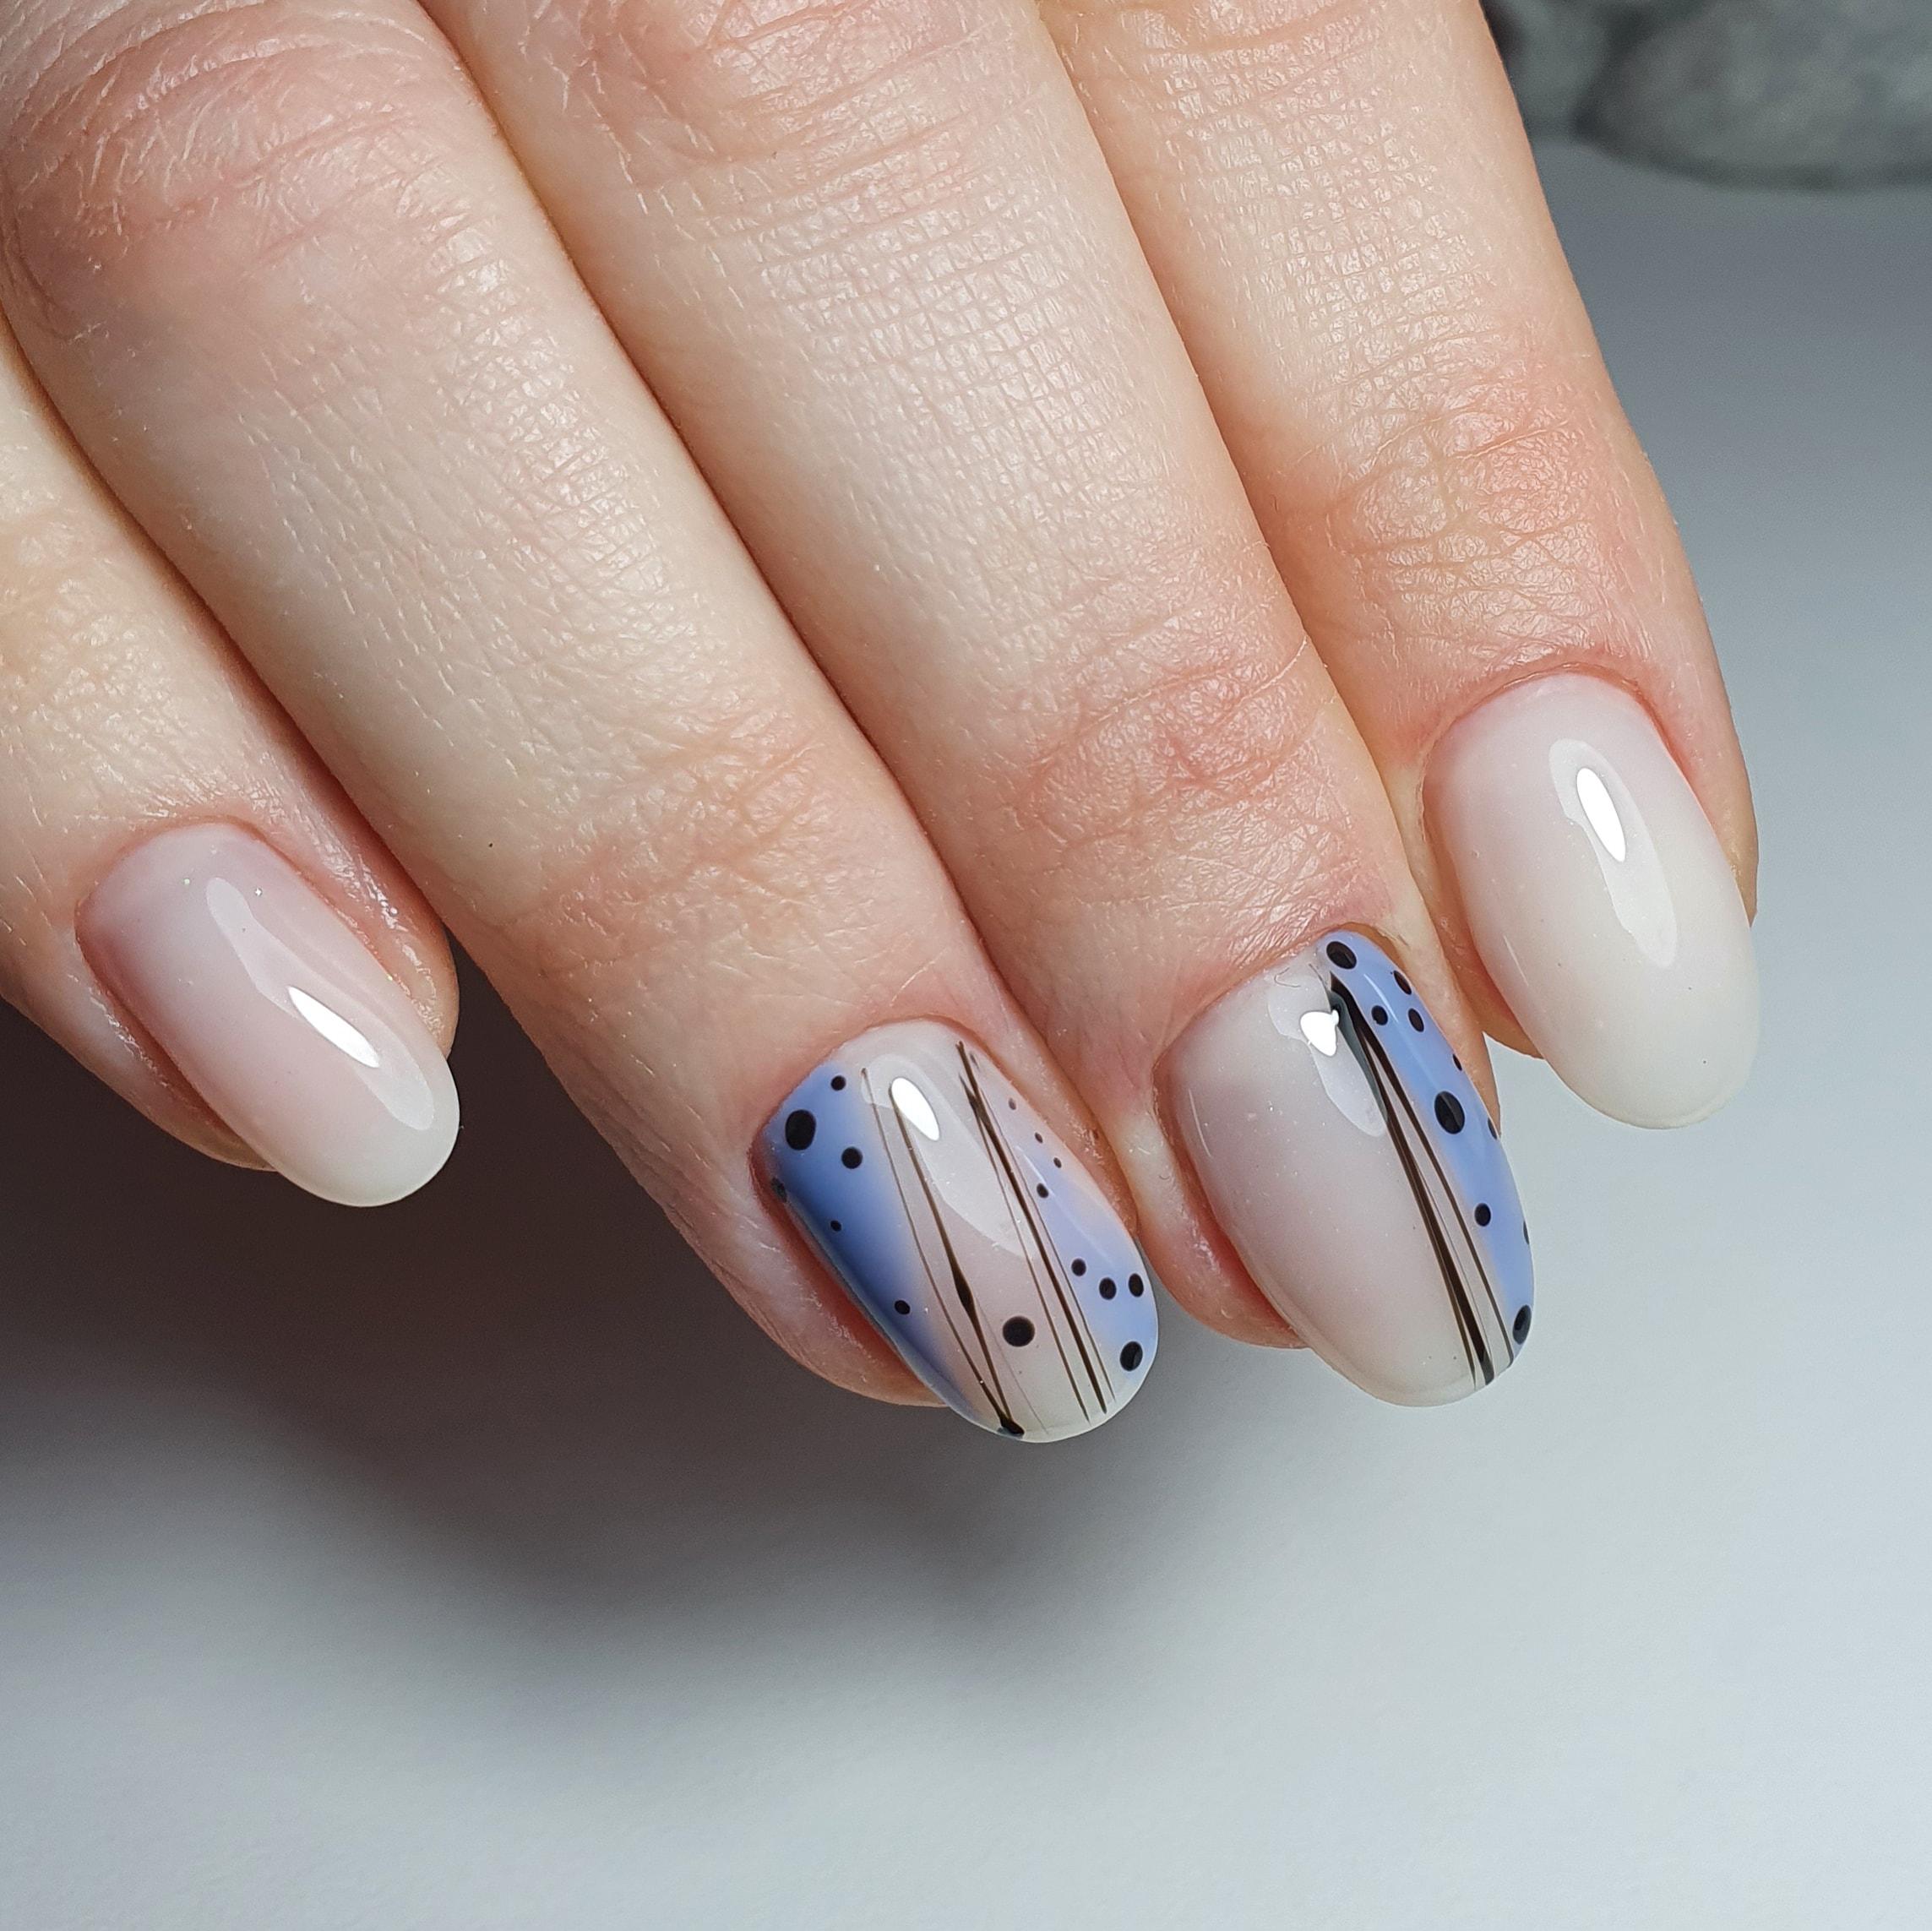 Маникюр с абстрактным рисунком в молочном цвете на короткие ногти.